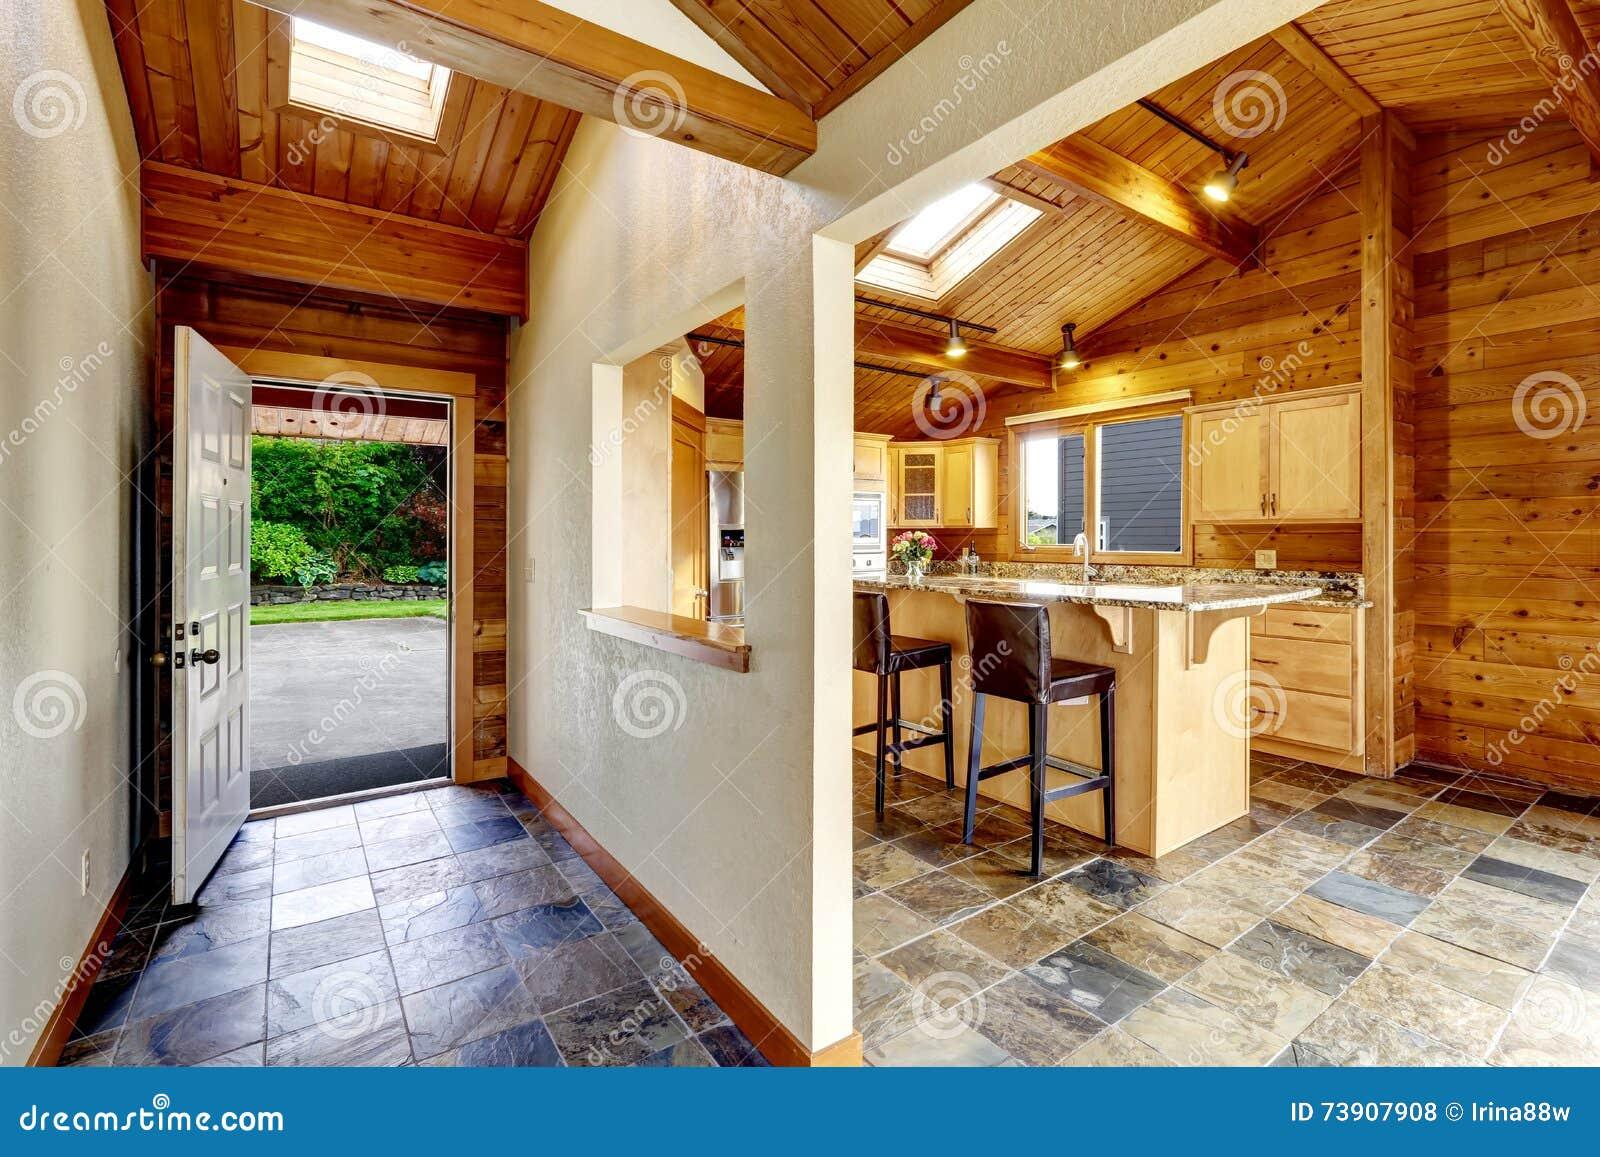 Vestibulo Con La Puerta Abierta Vista Al Patio Trasero Cocina